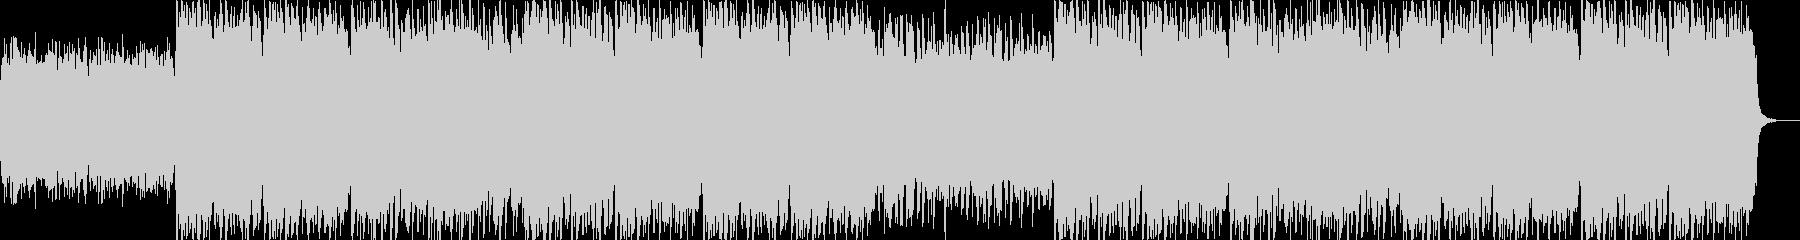 Irish Bagpipeの未再生の波形